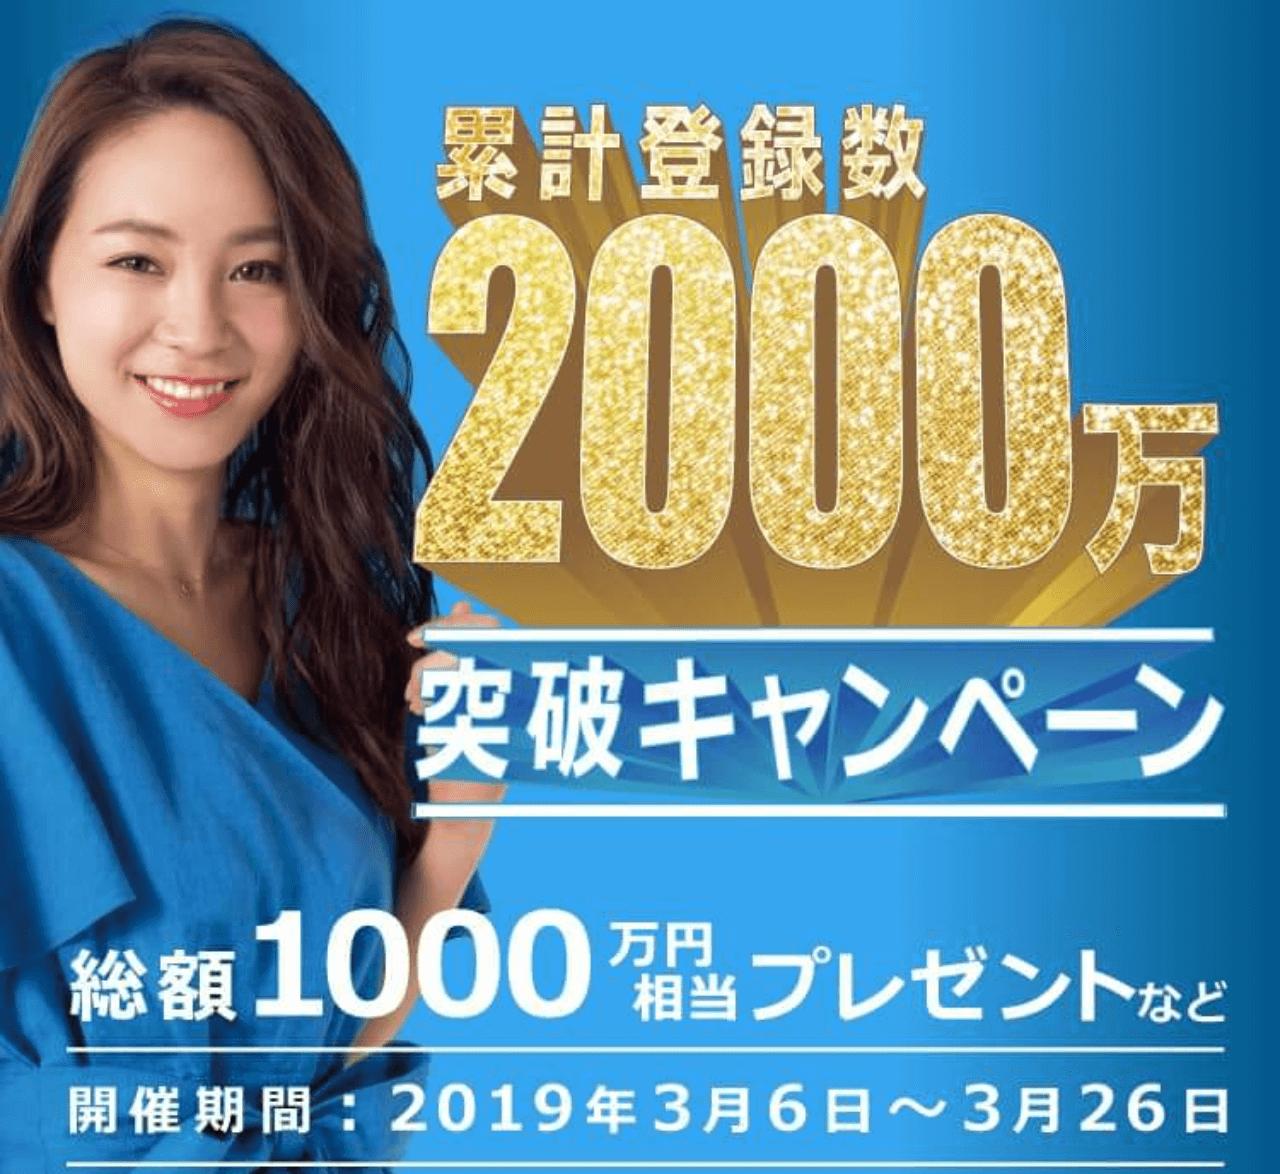 ハッピーメール 2000万人キャンペーン